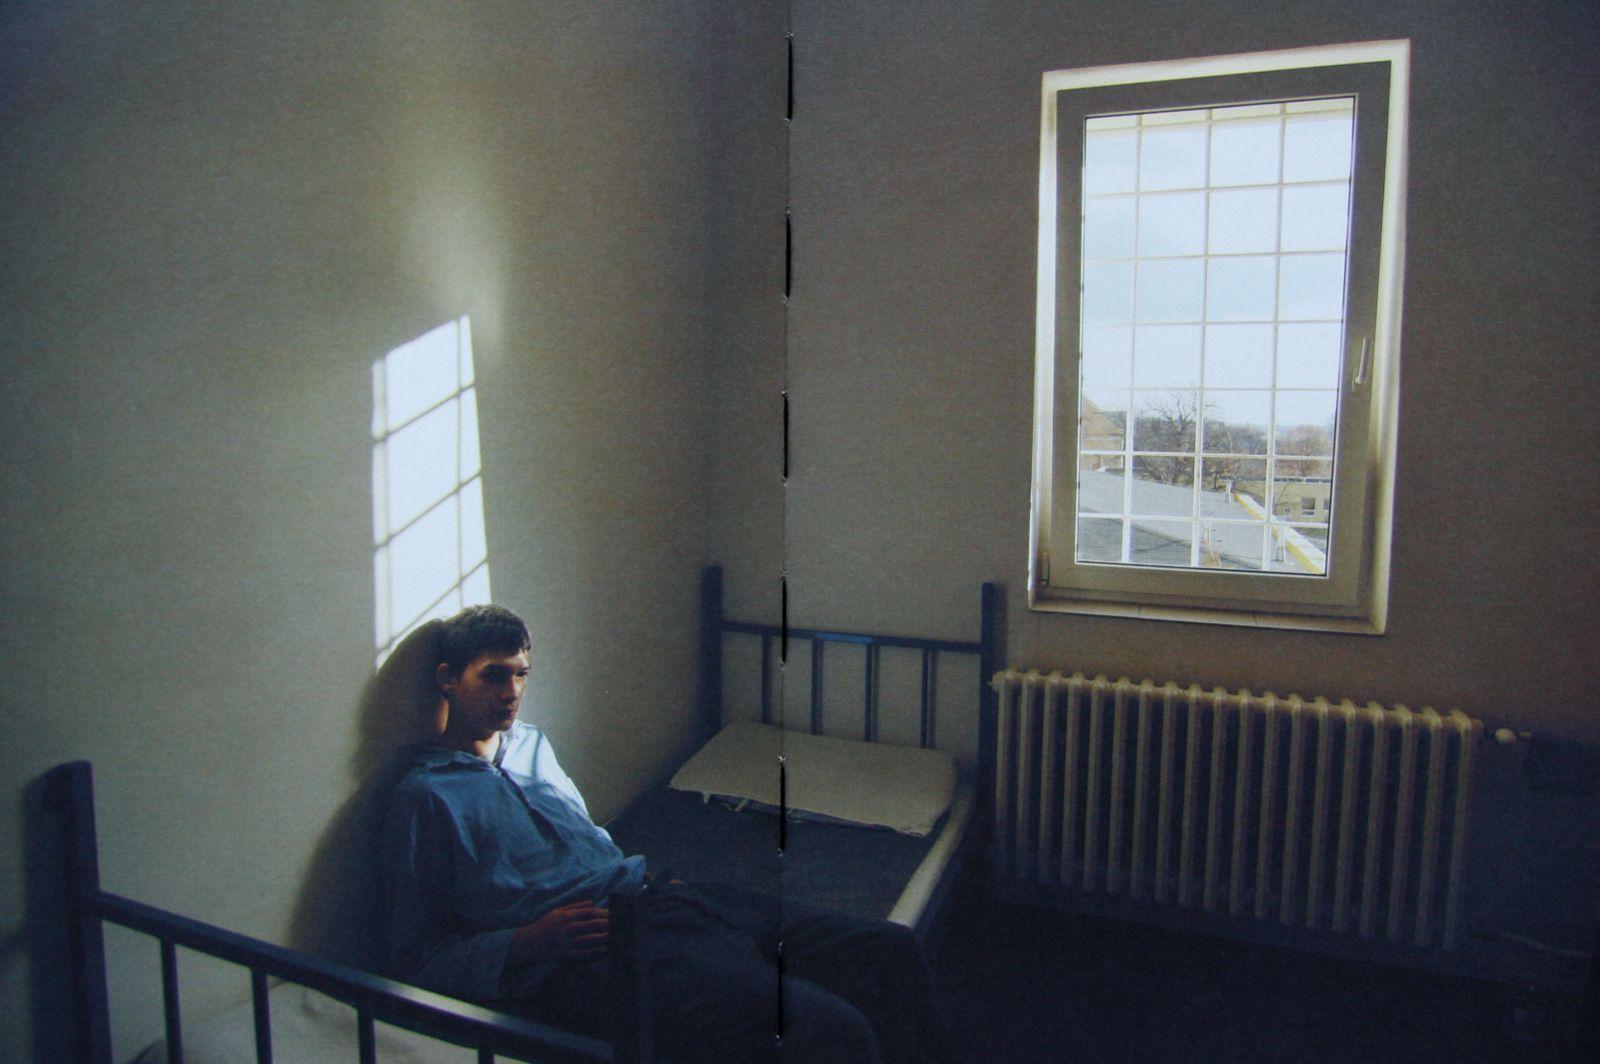 Fotí odsúdencov a čudákov. Ich odlúčenie a samotu. O väzňoch aj babe z lesa sme sa porozprávali s fotografkou Lenou Jakubčákovou